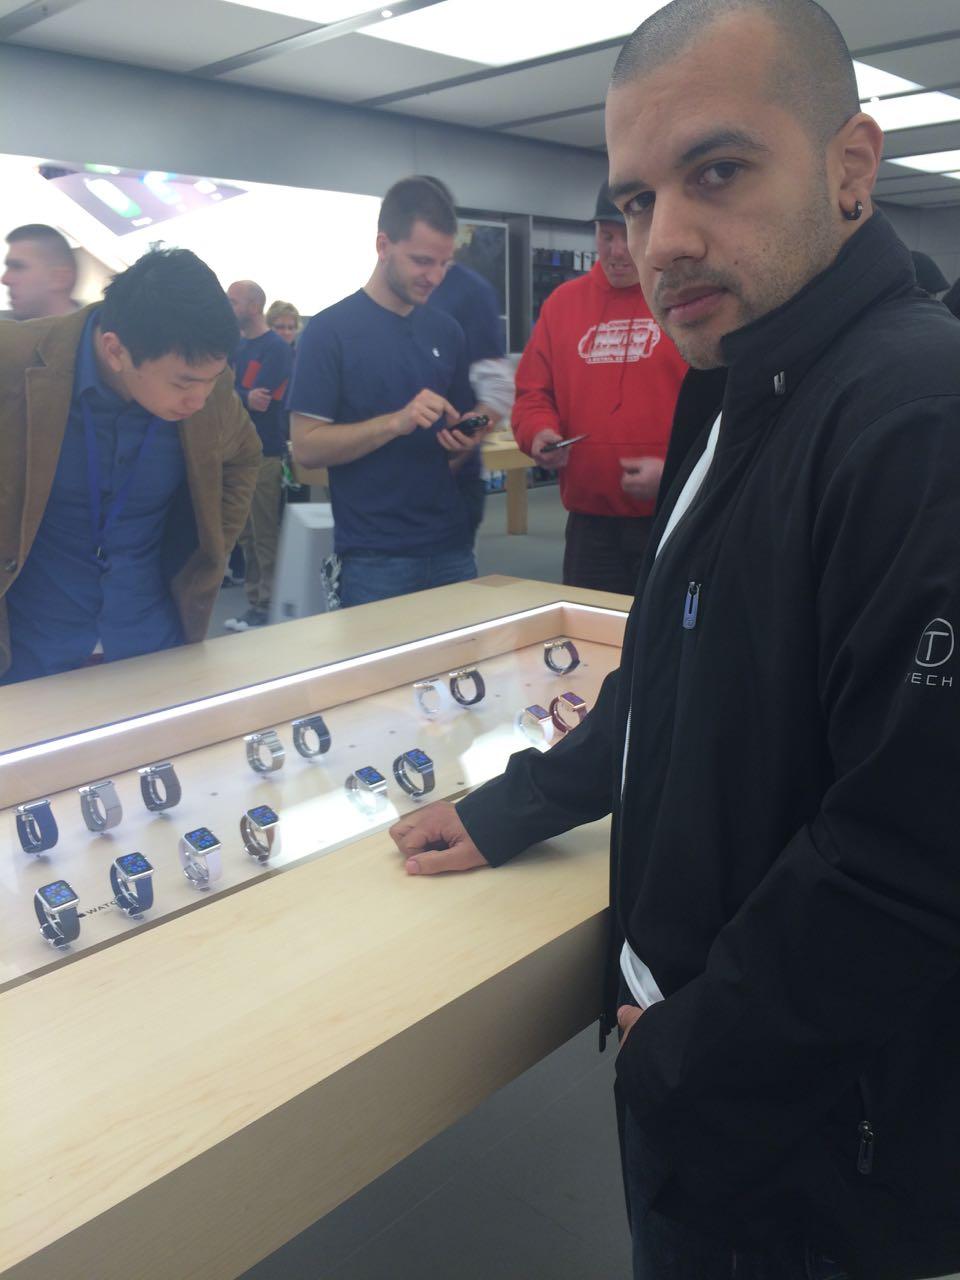 apple_watch_apple Store1.jpg